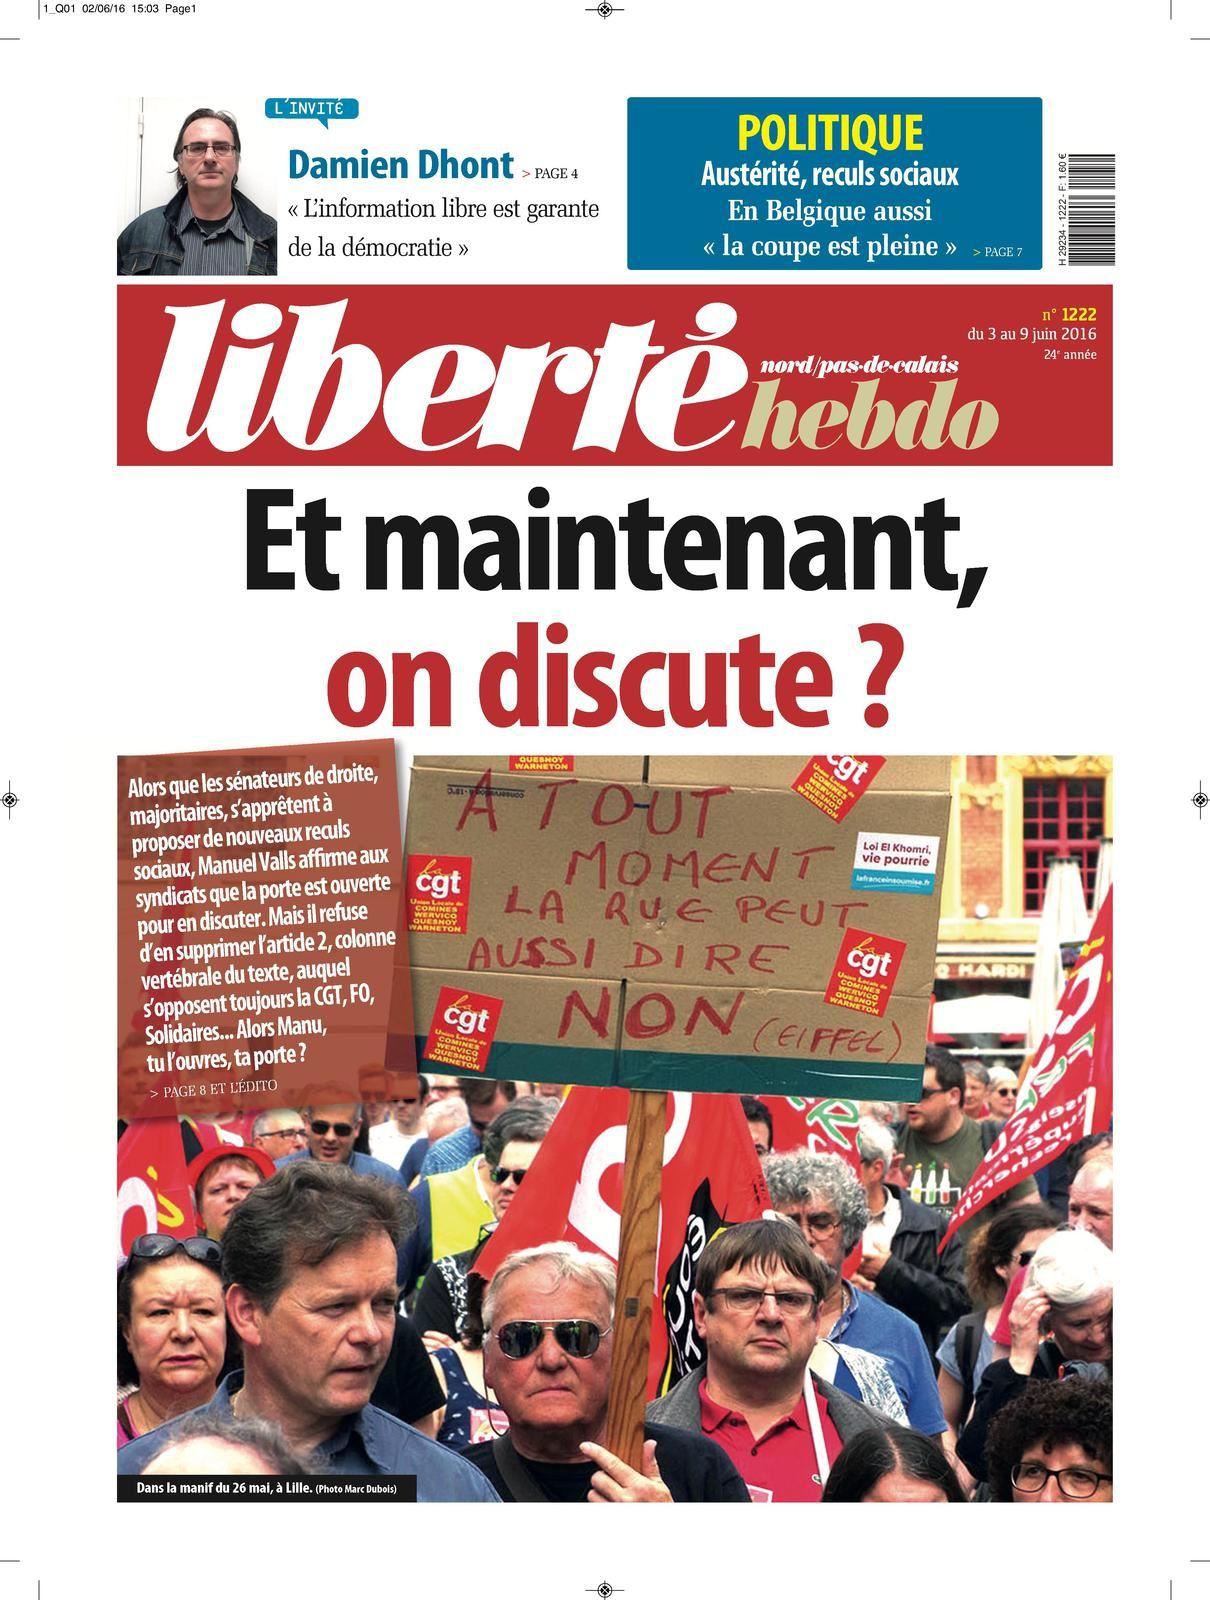 Liberté Hebdo 1222